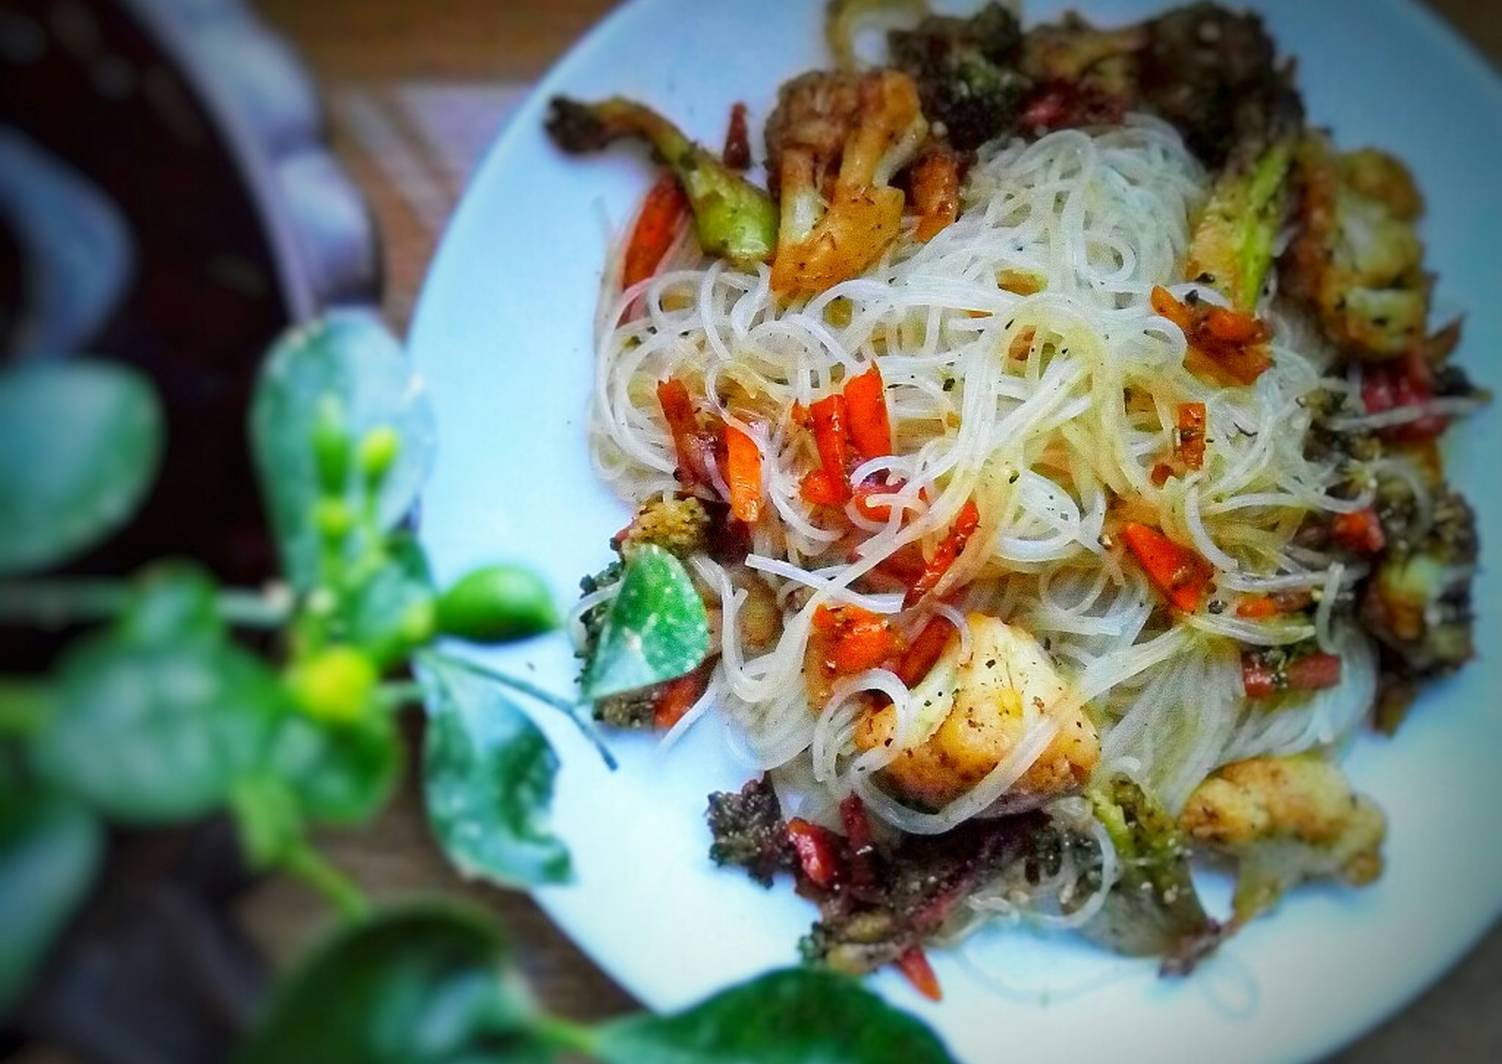 рисовая лапша рецепты с овощами фото желает никому